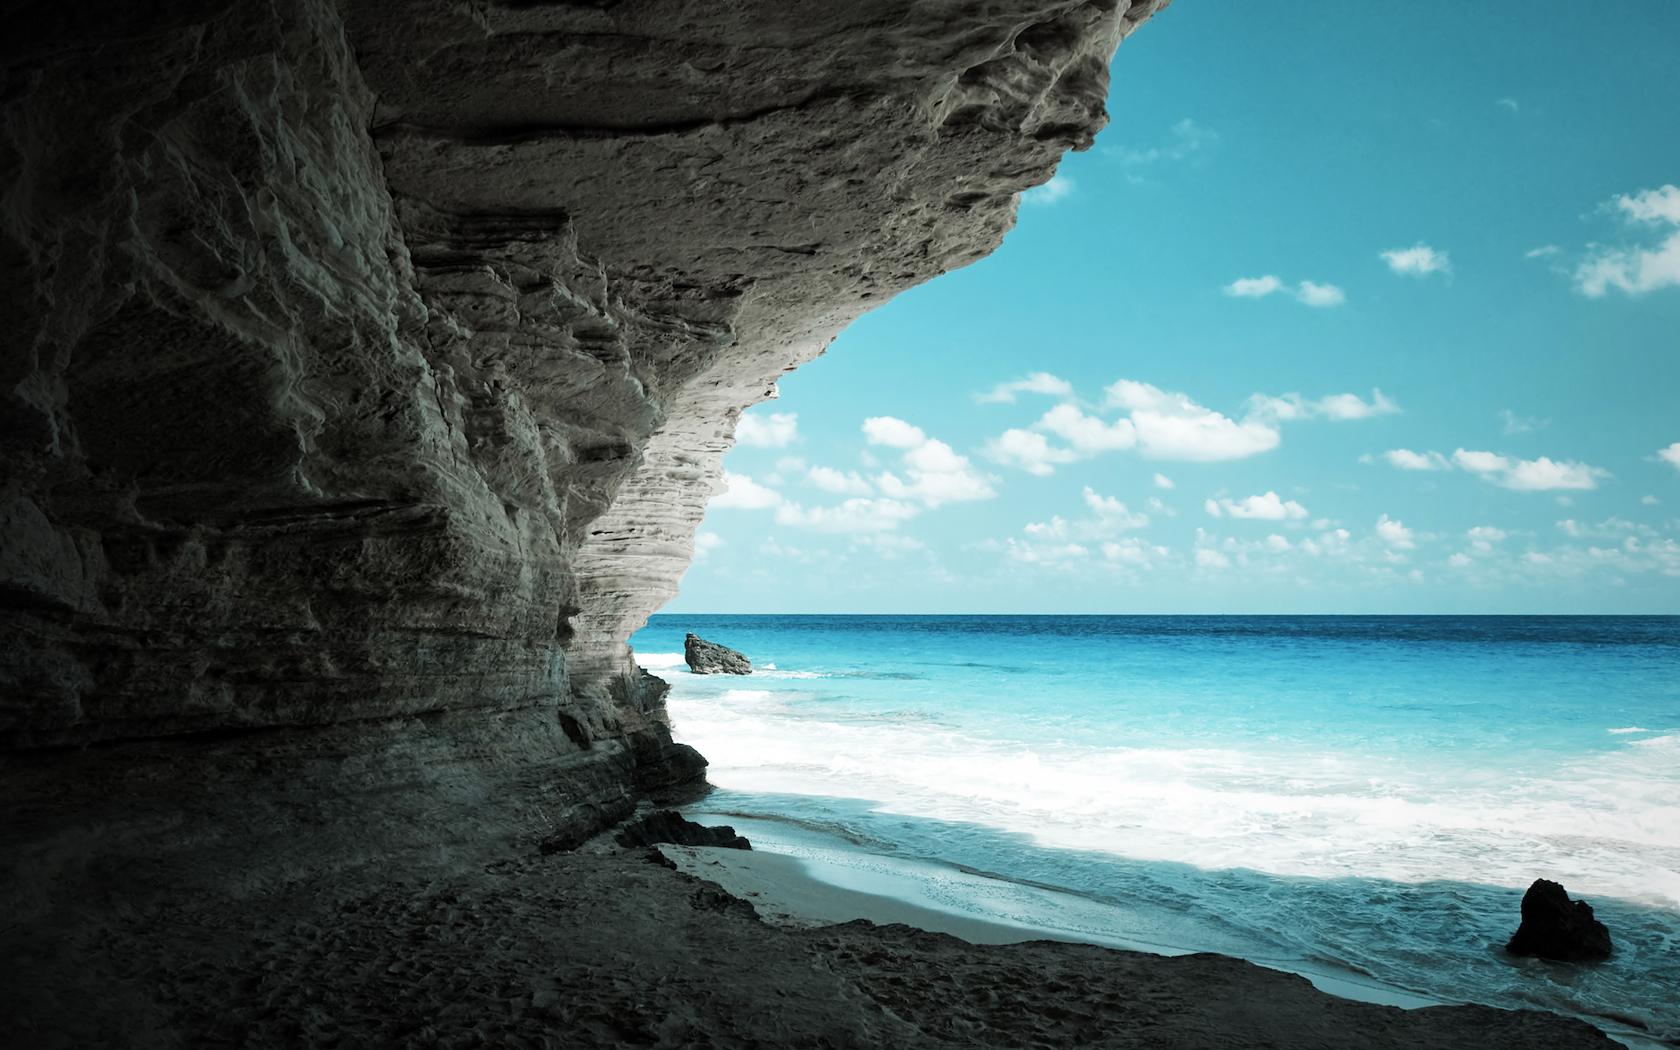 Sfondi Hd Categoria Mare Spiagge Foto Mare Programmi